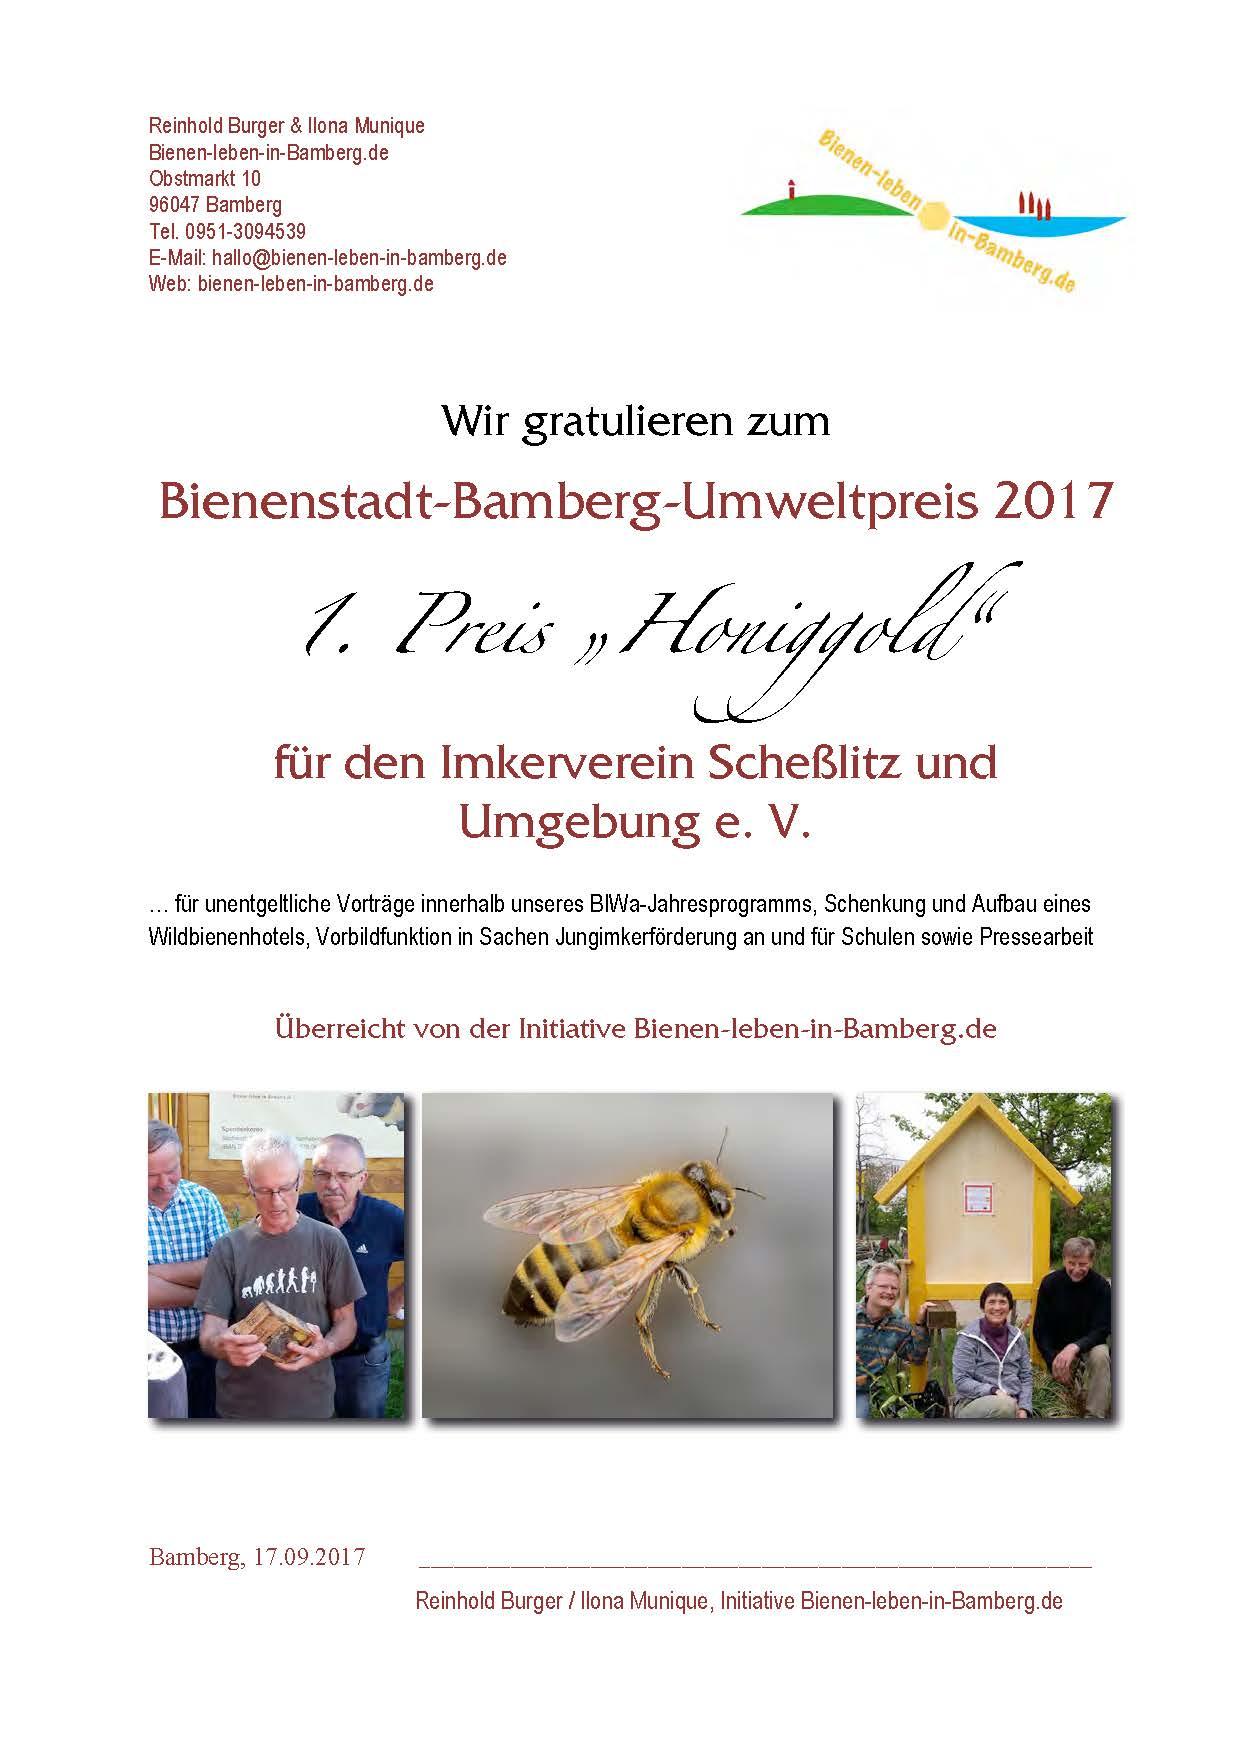 """Urkunde zum 1. Preis """"Honiggold"""" des Bienenstadt-Bamberg-Umweltpreises 2017"""